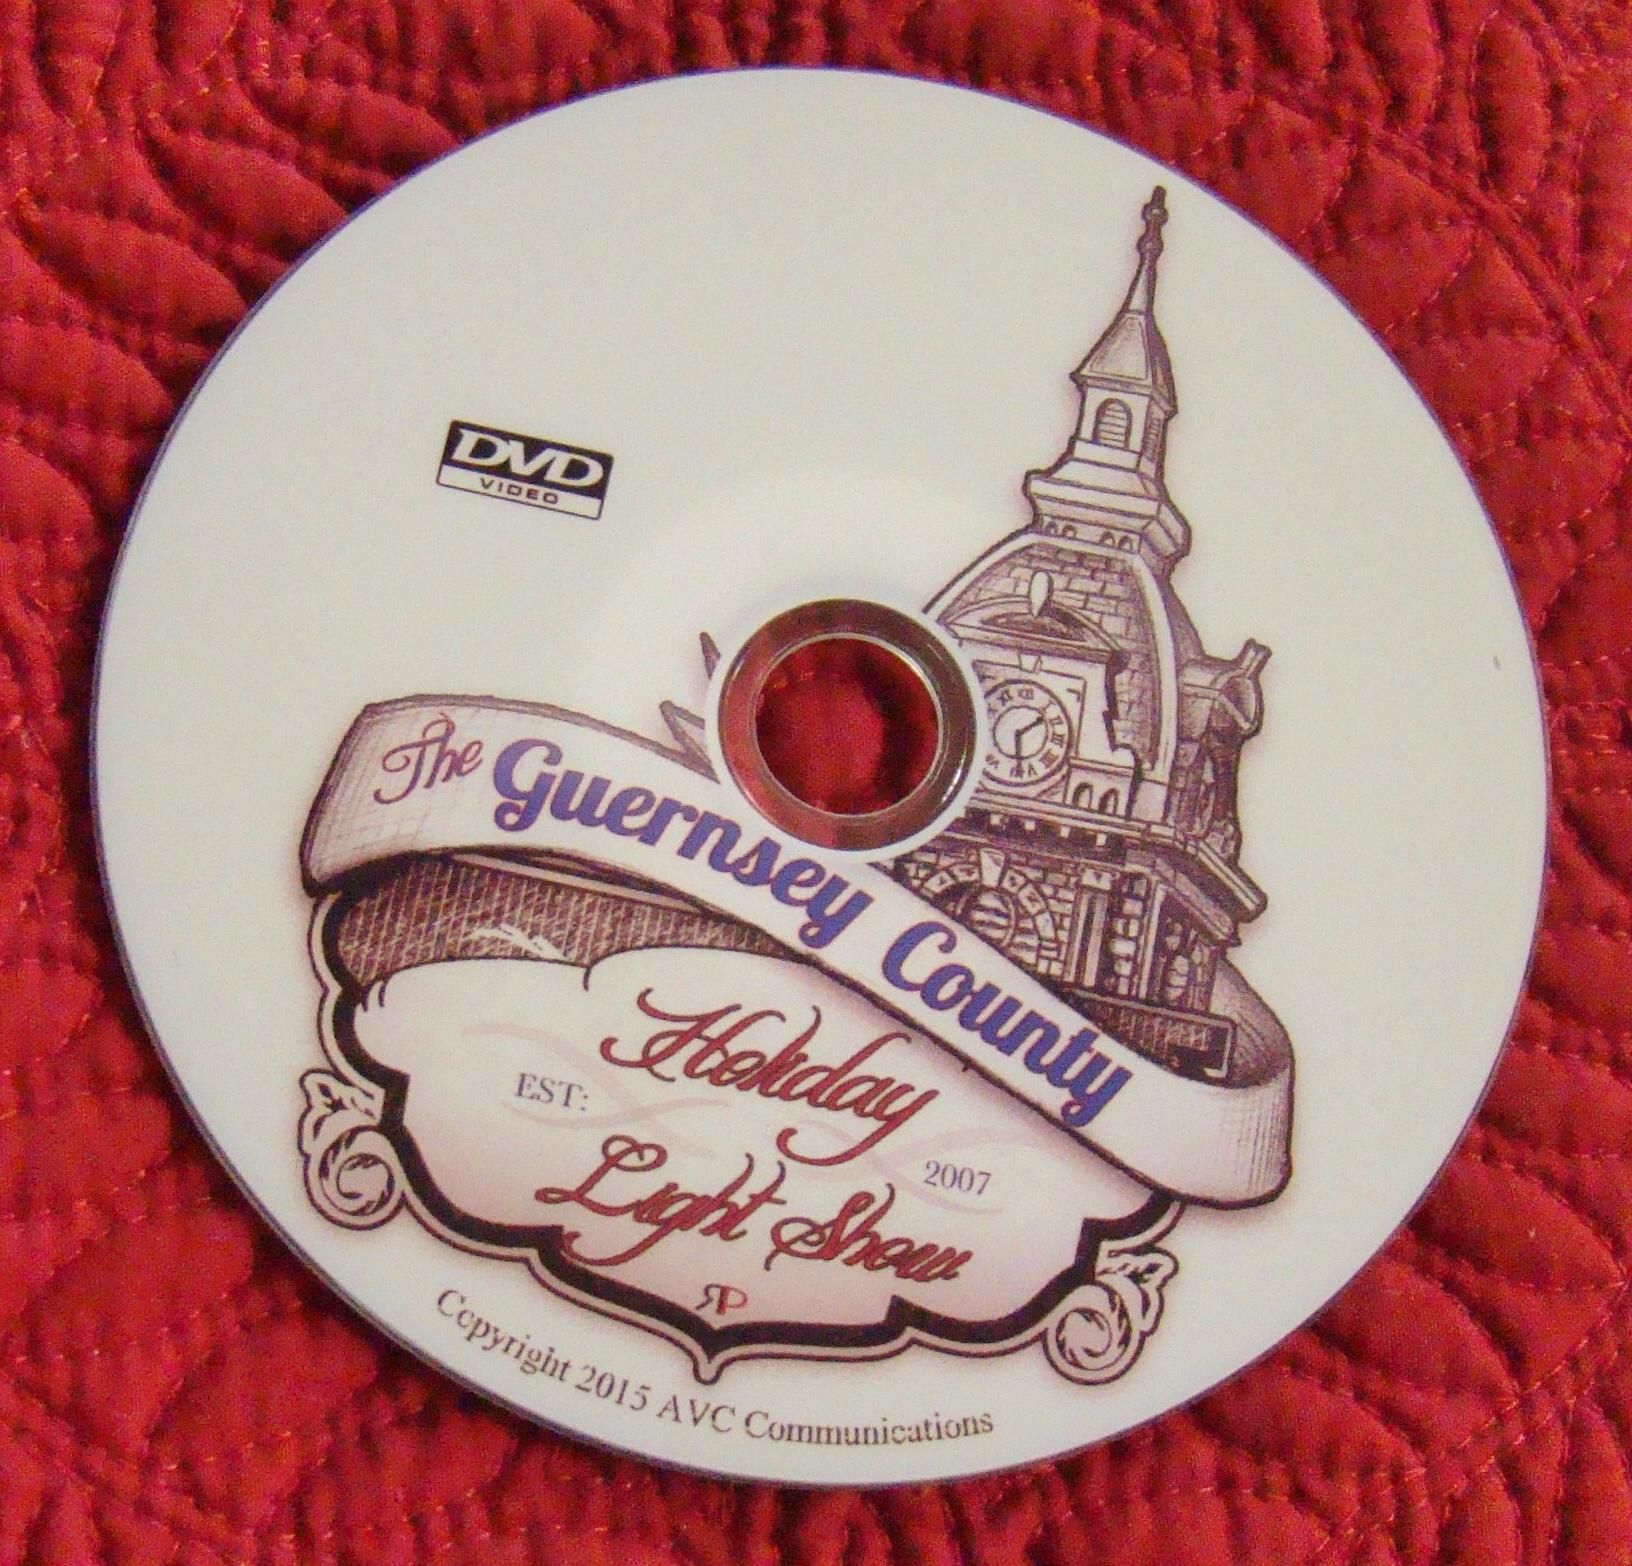 light-cd